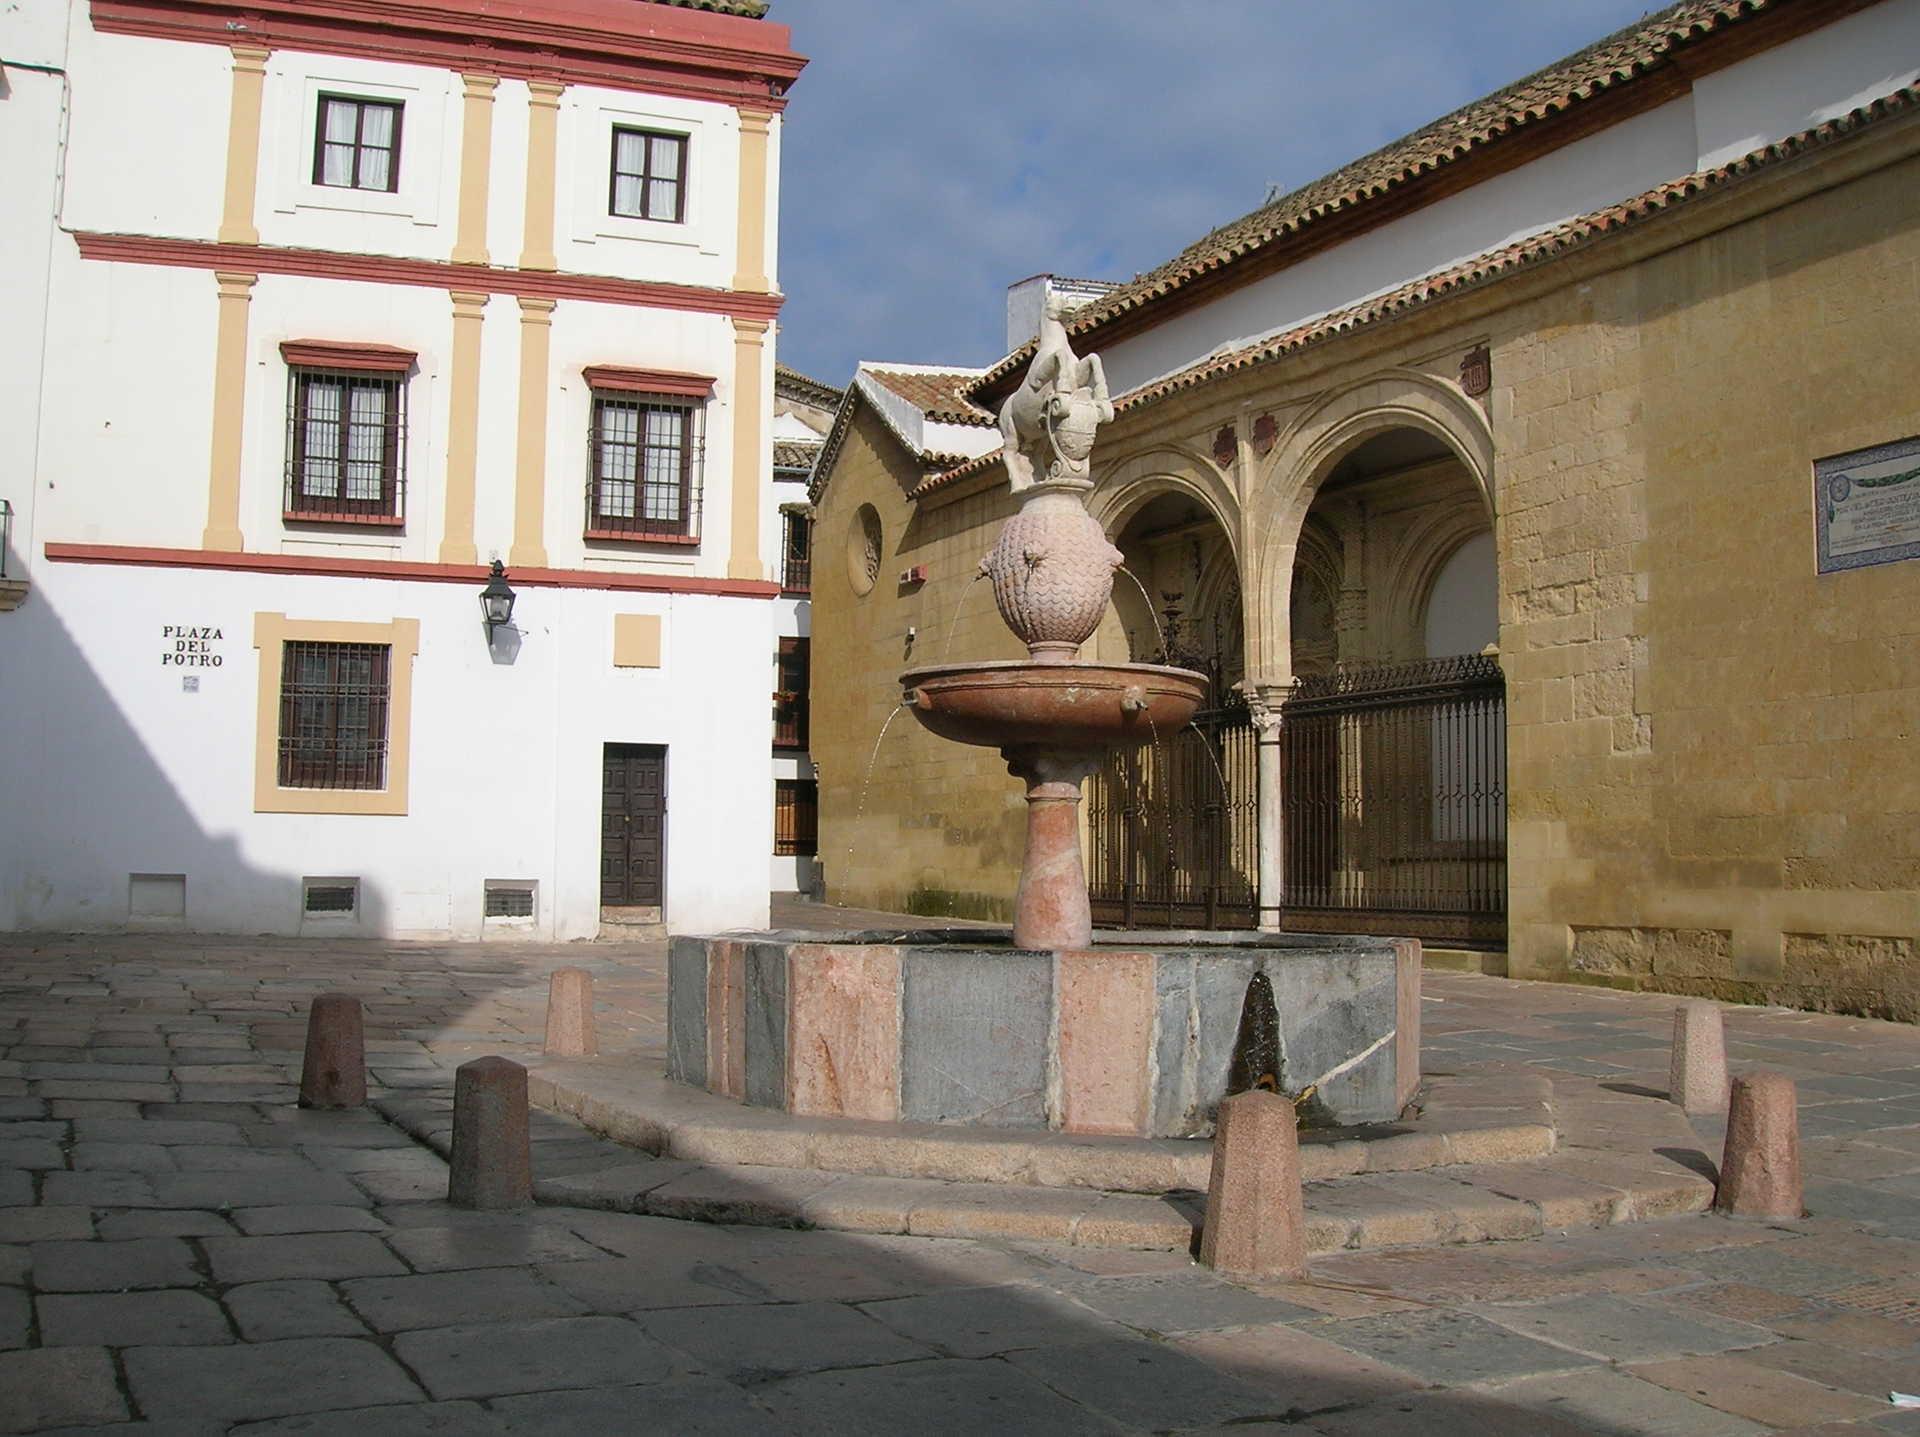 Führung: Jüdisches Viertel, Plaza del Potro und Plaza de la Corredera